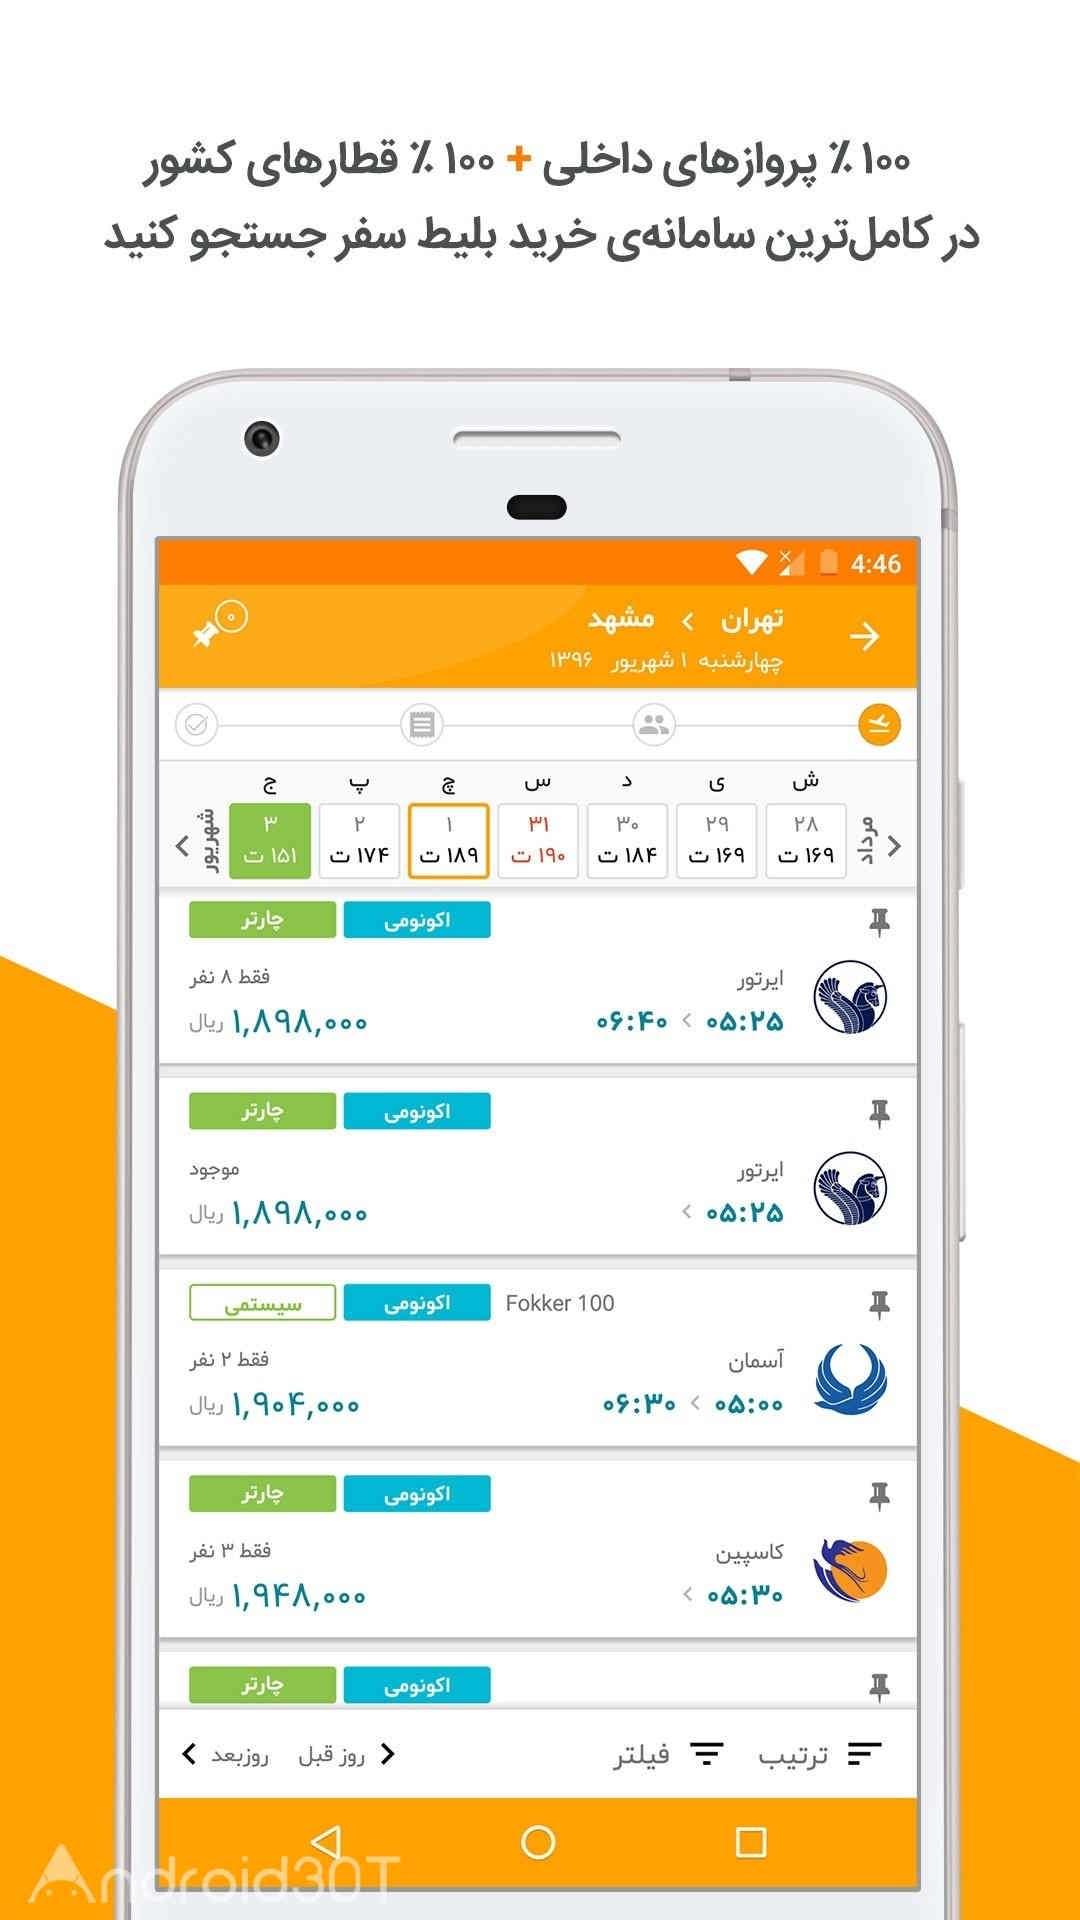 دانلود Alibaba 8.2.1 – برنامه خرید آنلاین بلیط هواپیما علی بابا اندروید